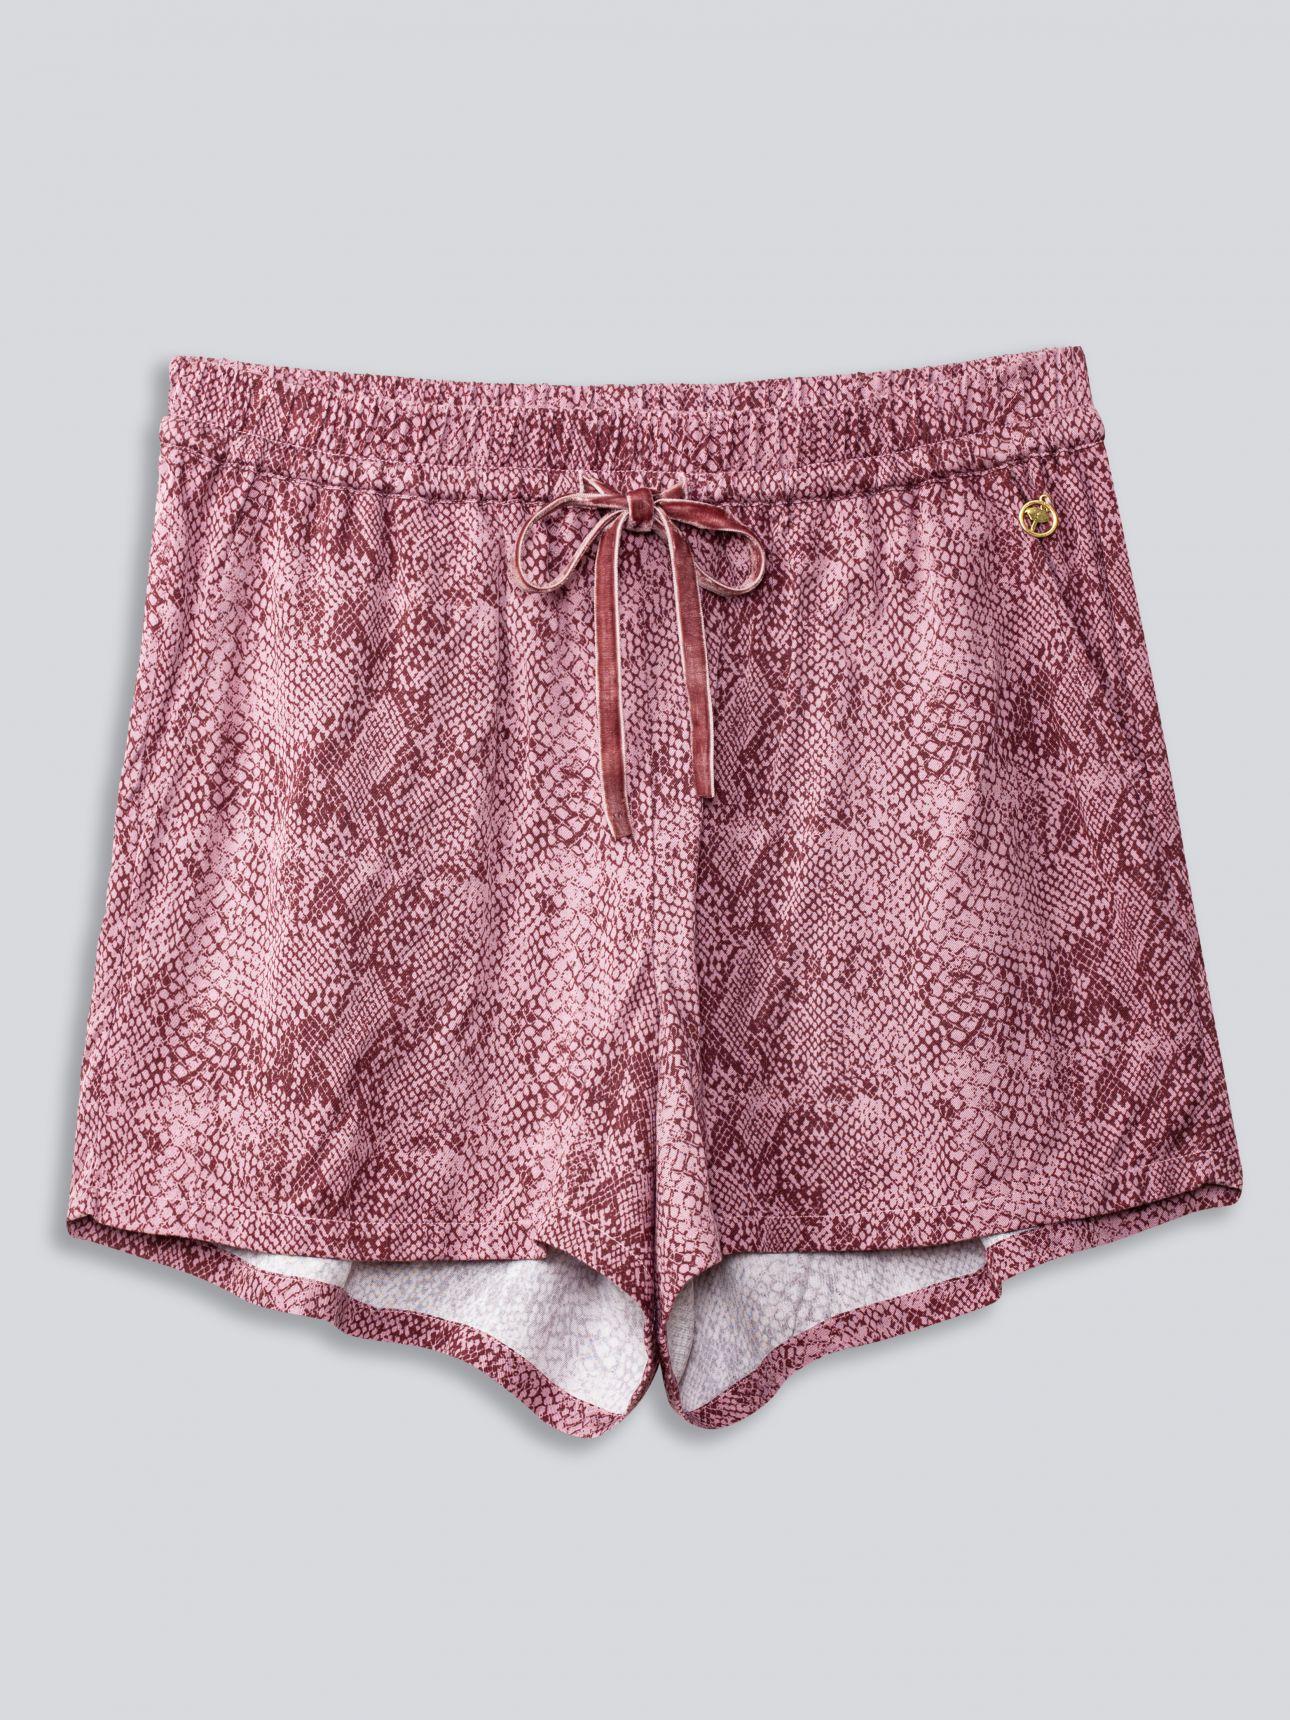 מכנסיים קצרים - WILD ART בצבע פודרה